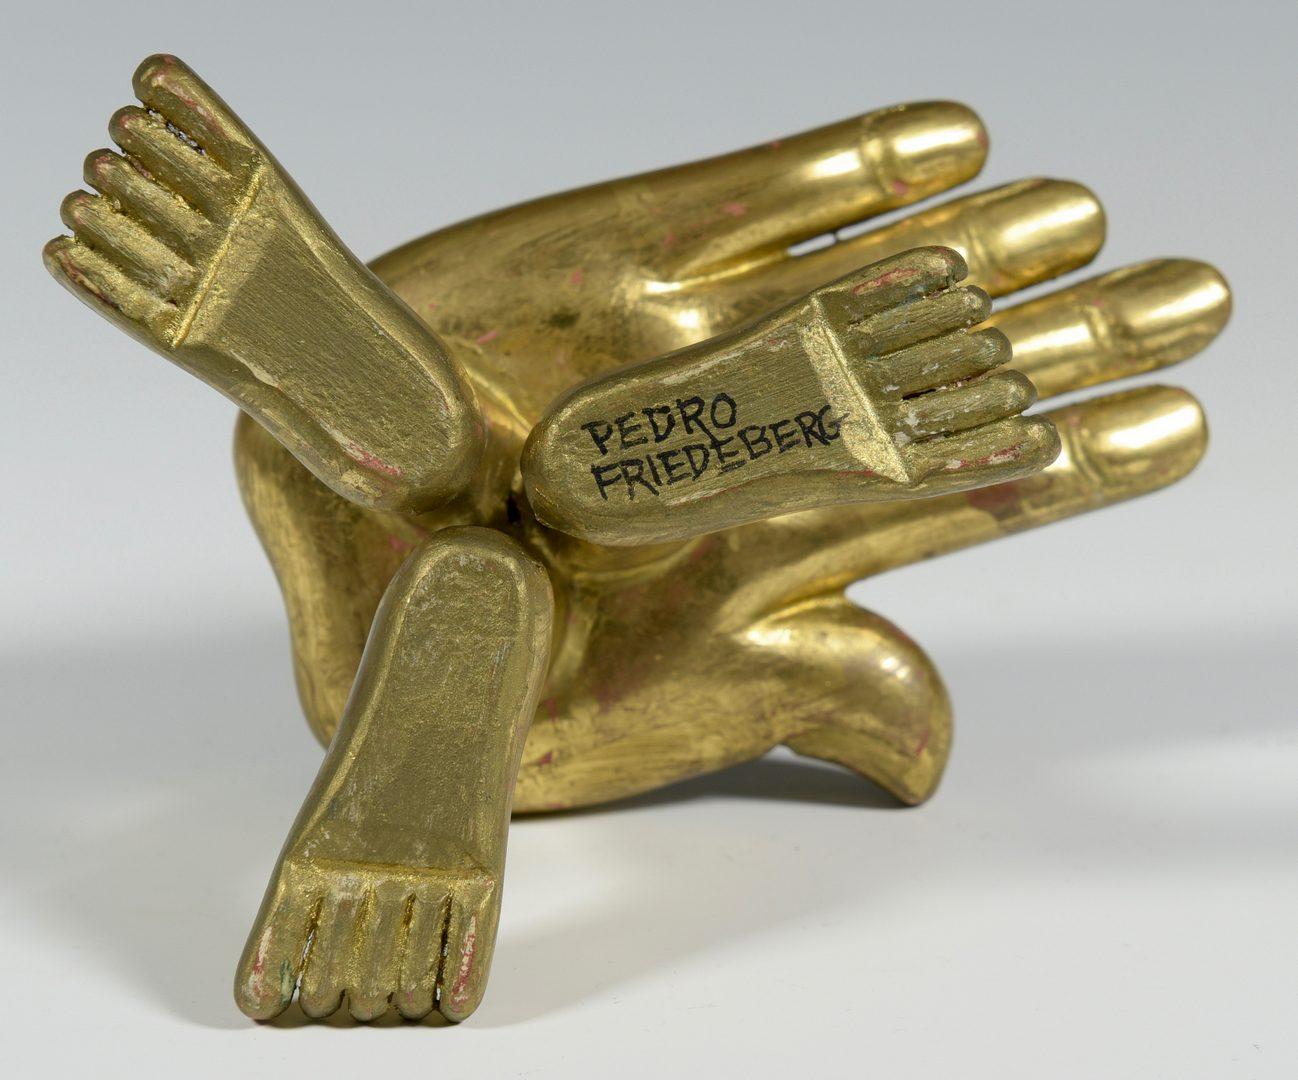 Lot 463: Friedeberg Hand Chair, Chagall Litho, Raiken Sculpture